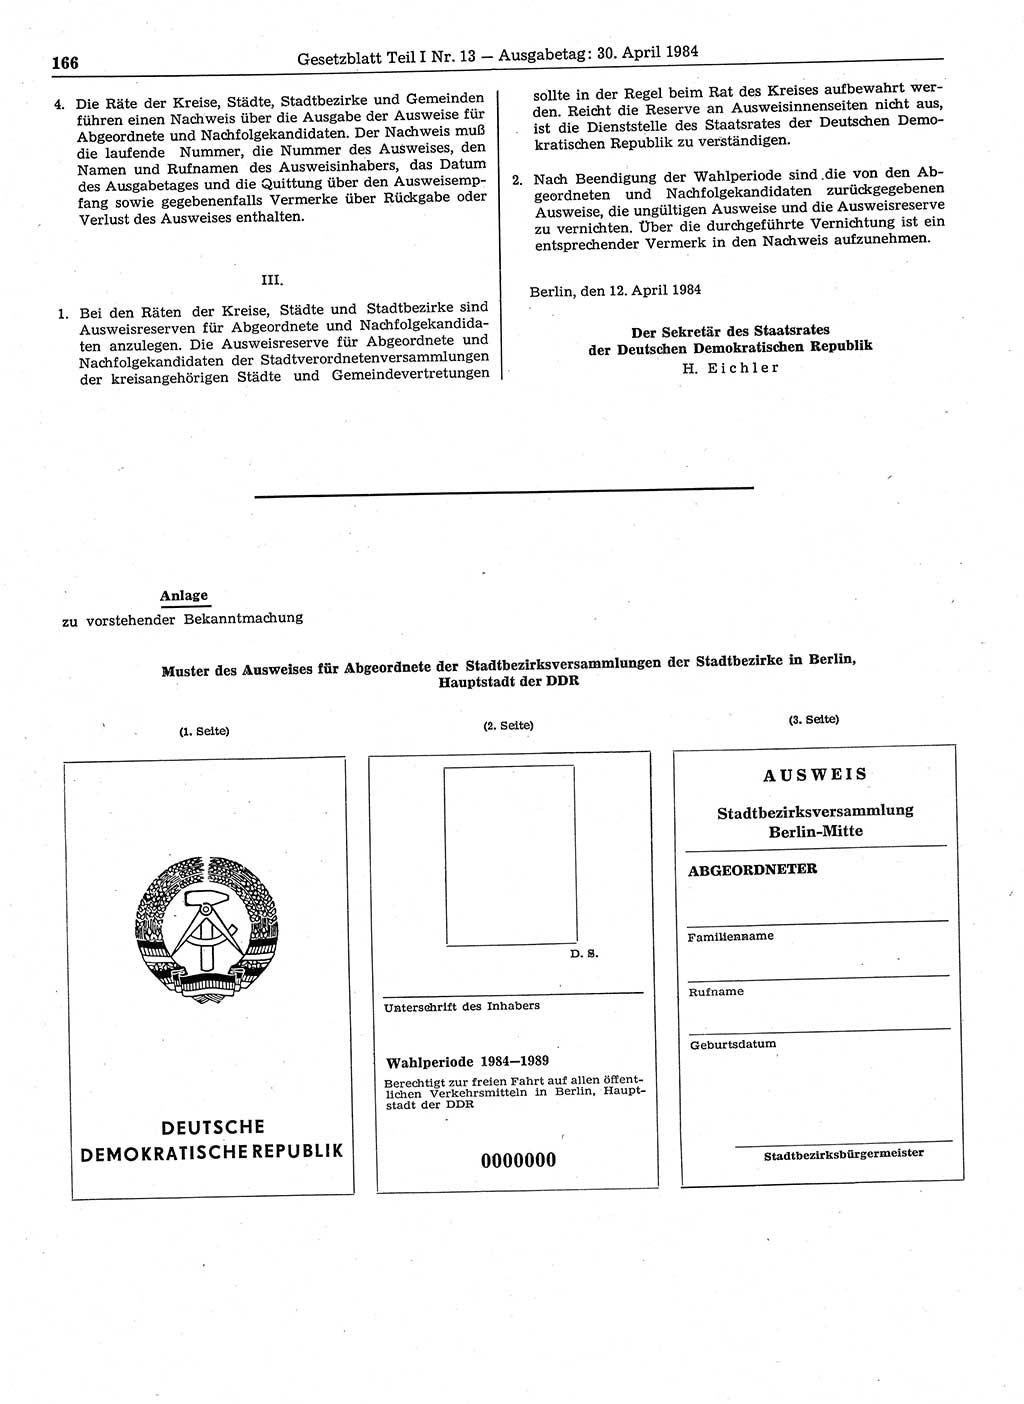 Gesetzblatt (GBl.) DDR Teil Ⅰ 1984, S. 166; Gesetzblatt ...